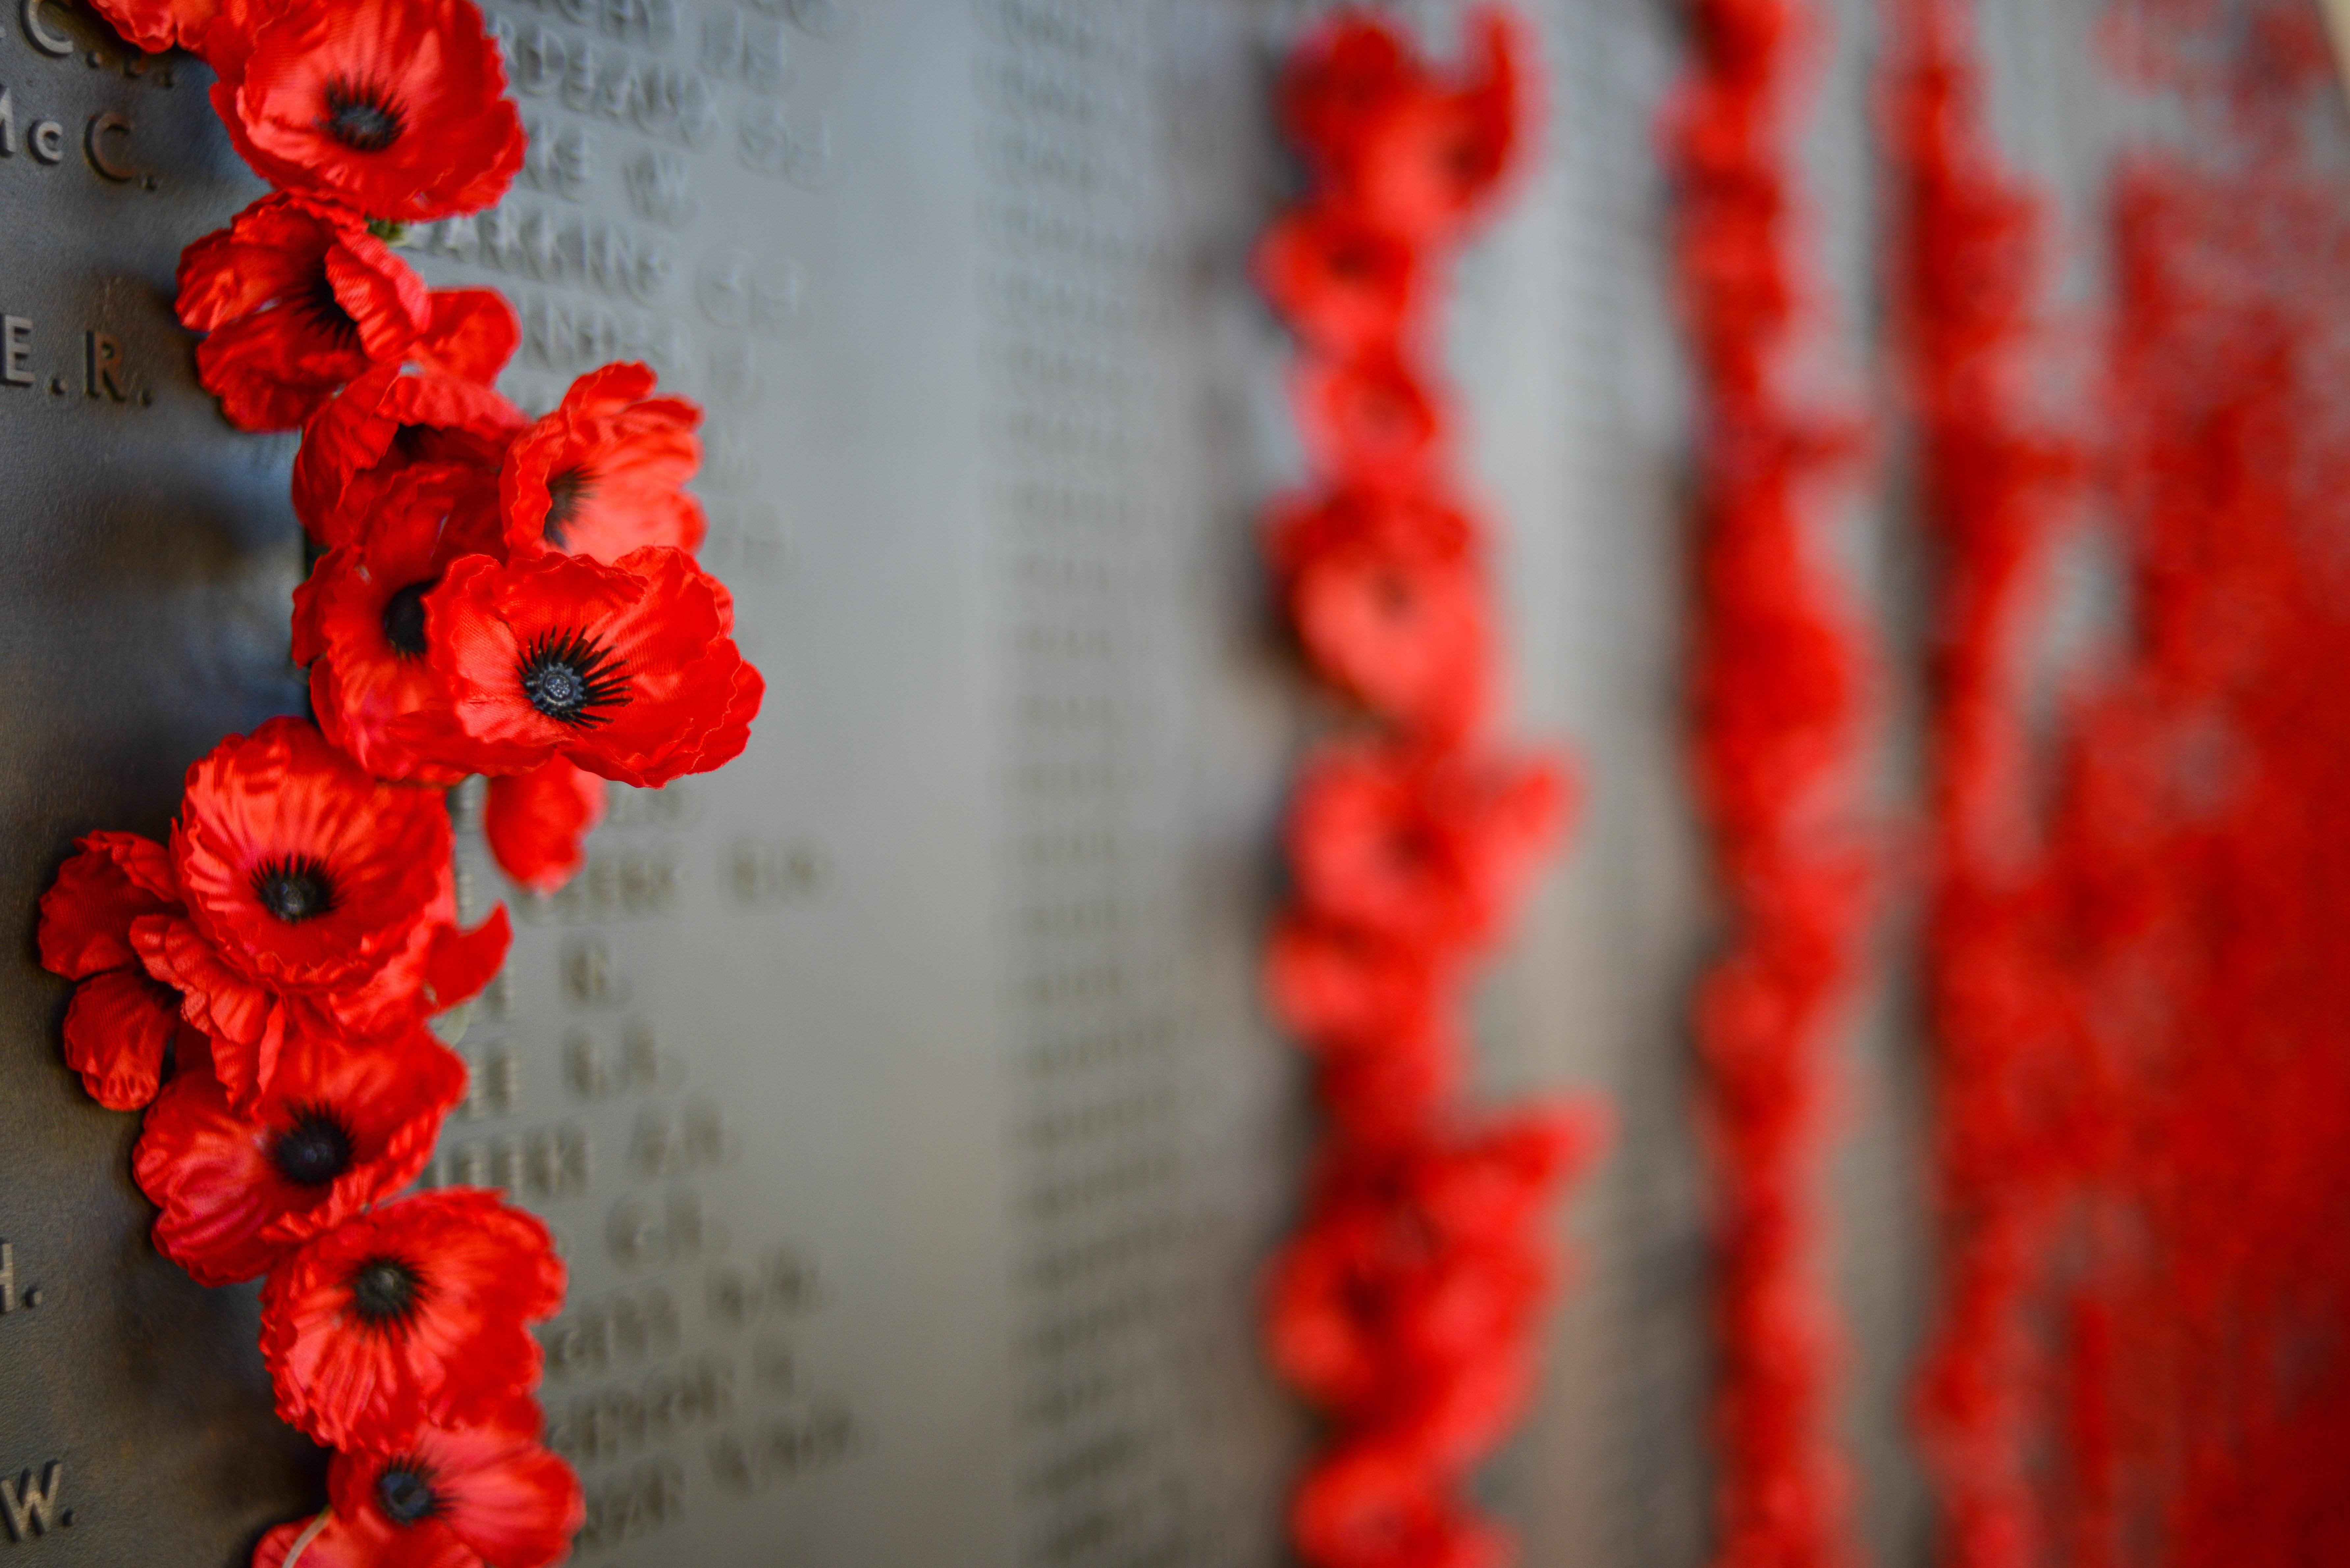 red poppy flowers on memorial